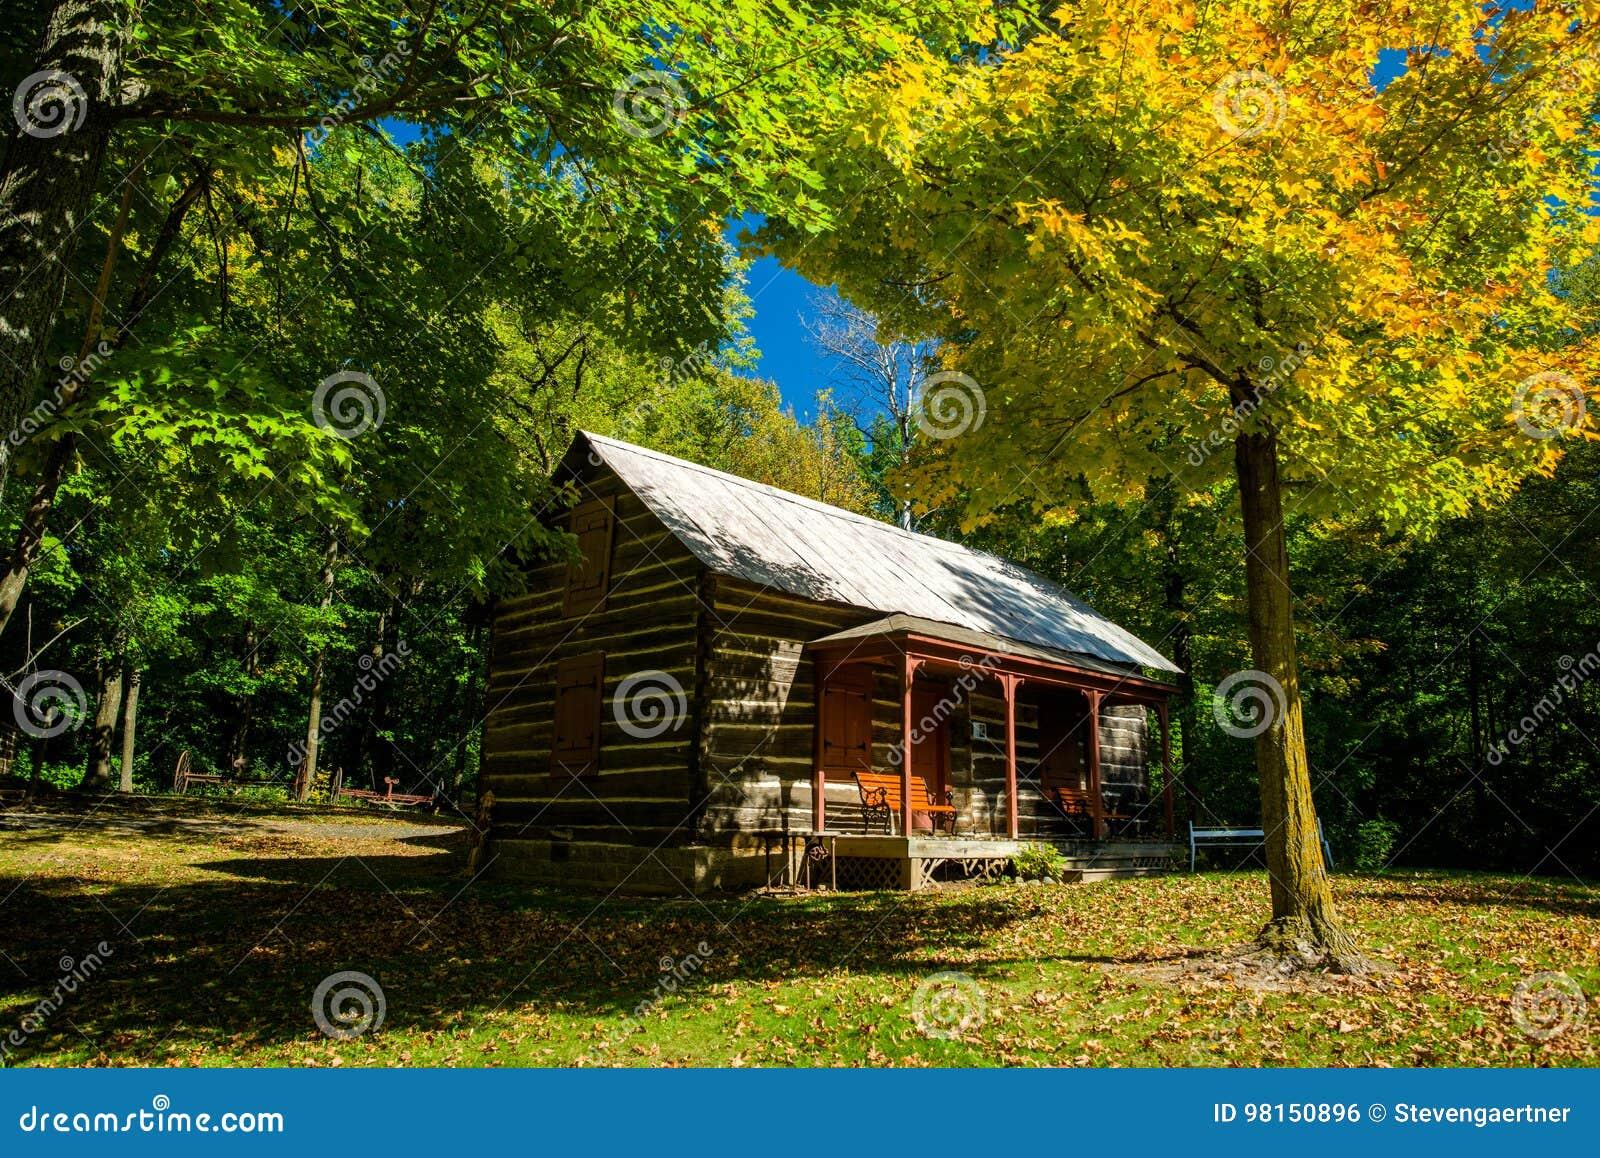 Cabina di ceppo, autunno, almelund, Minnesota